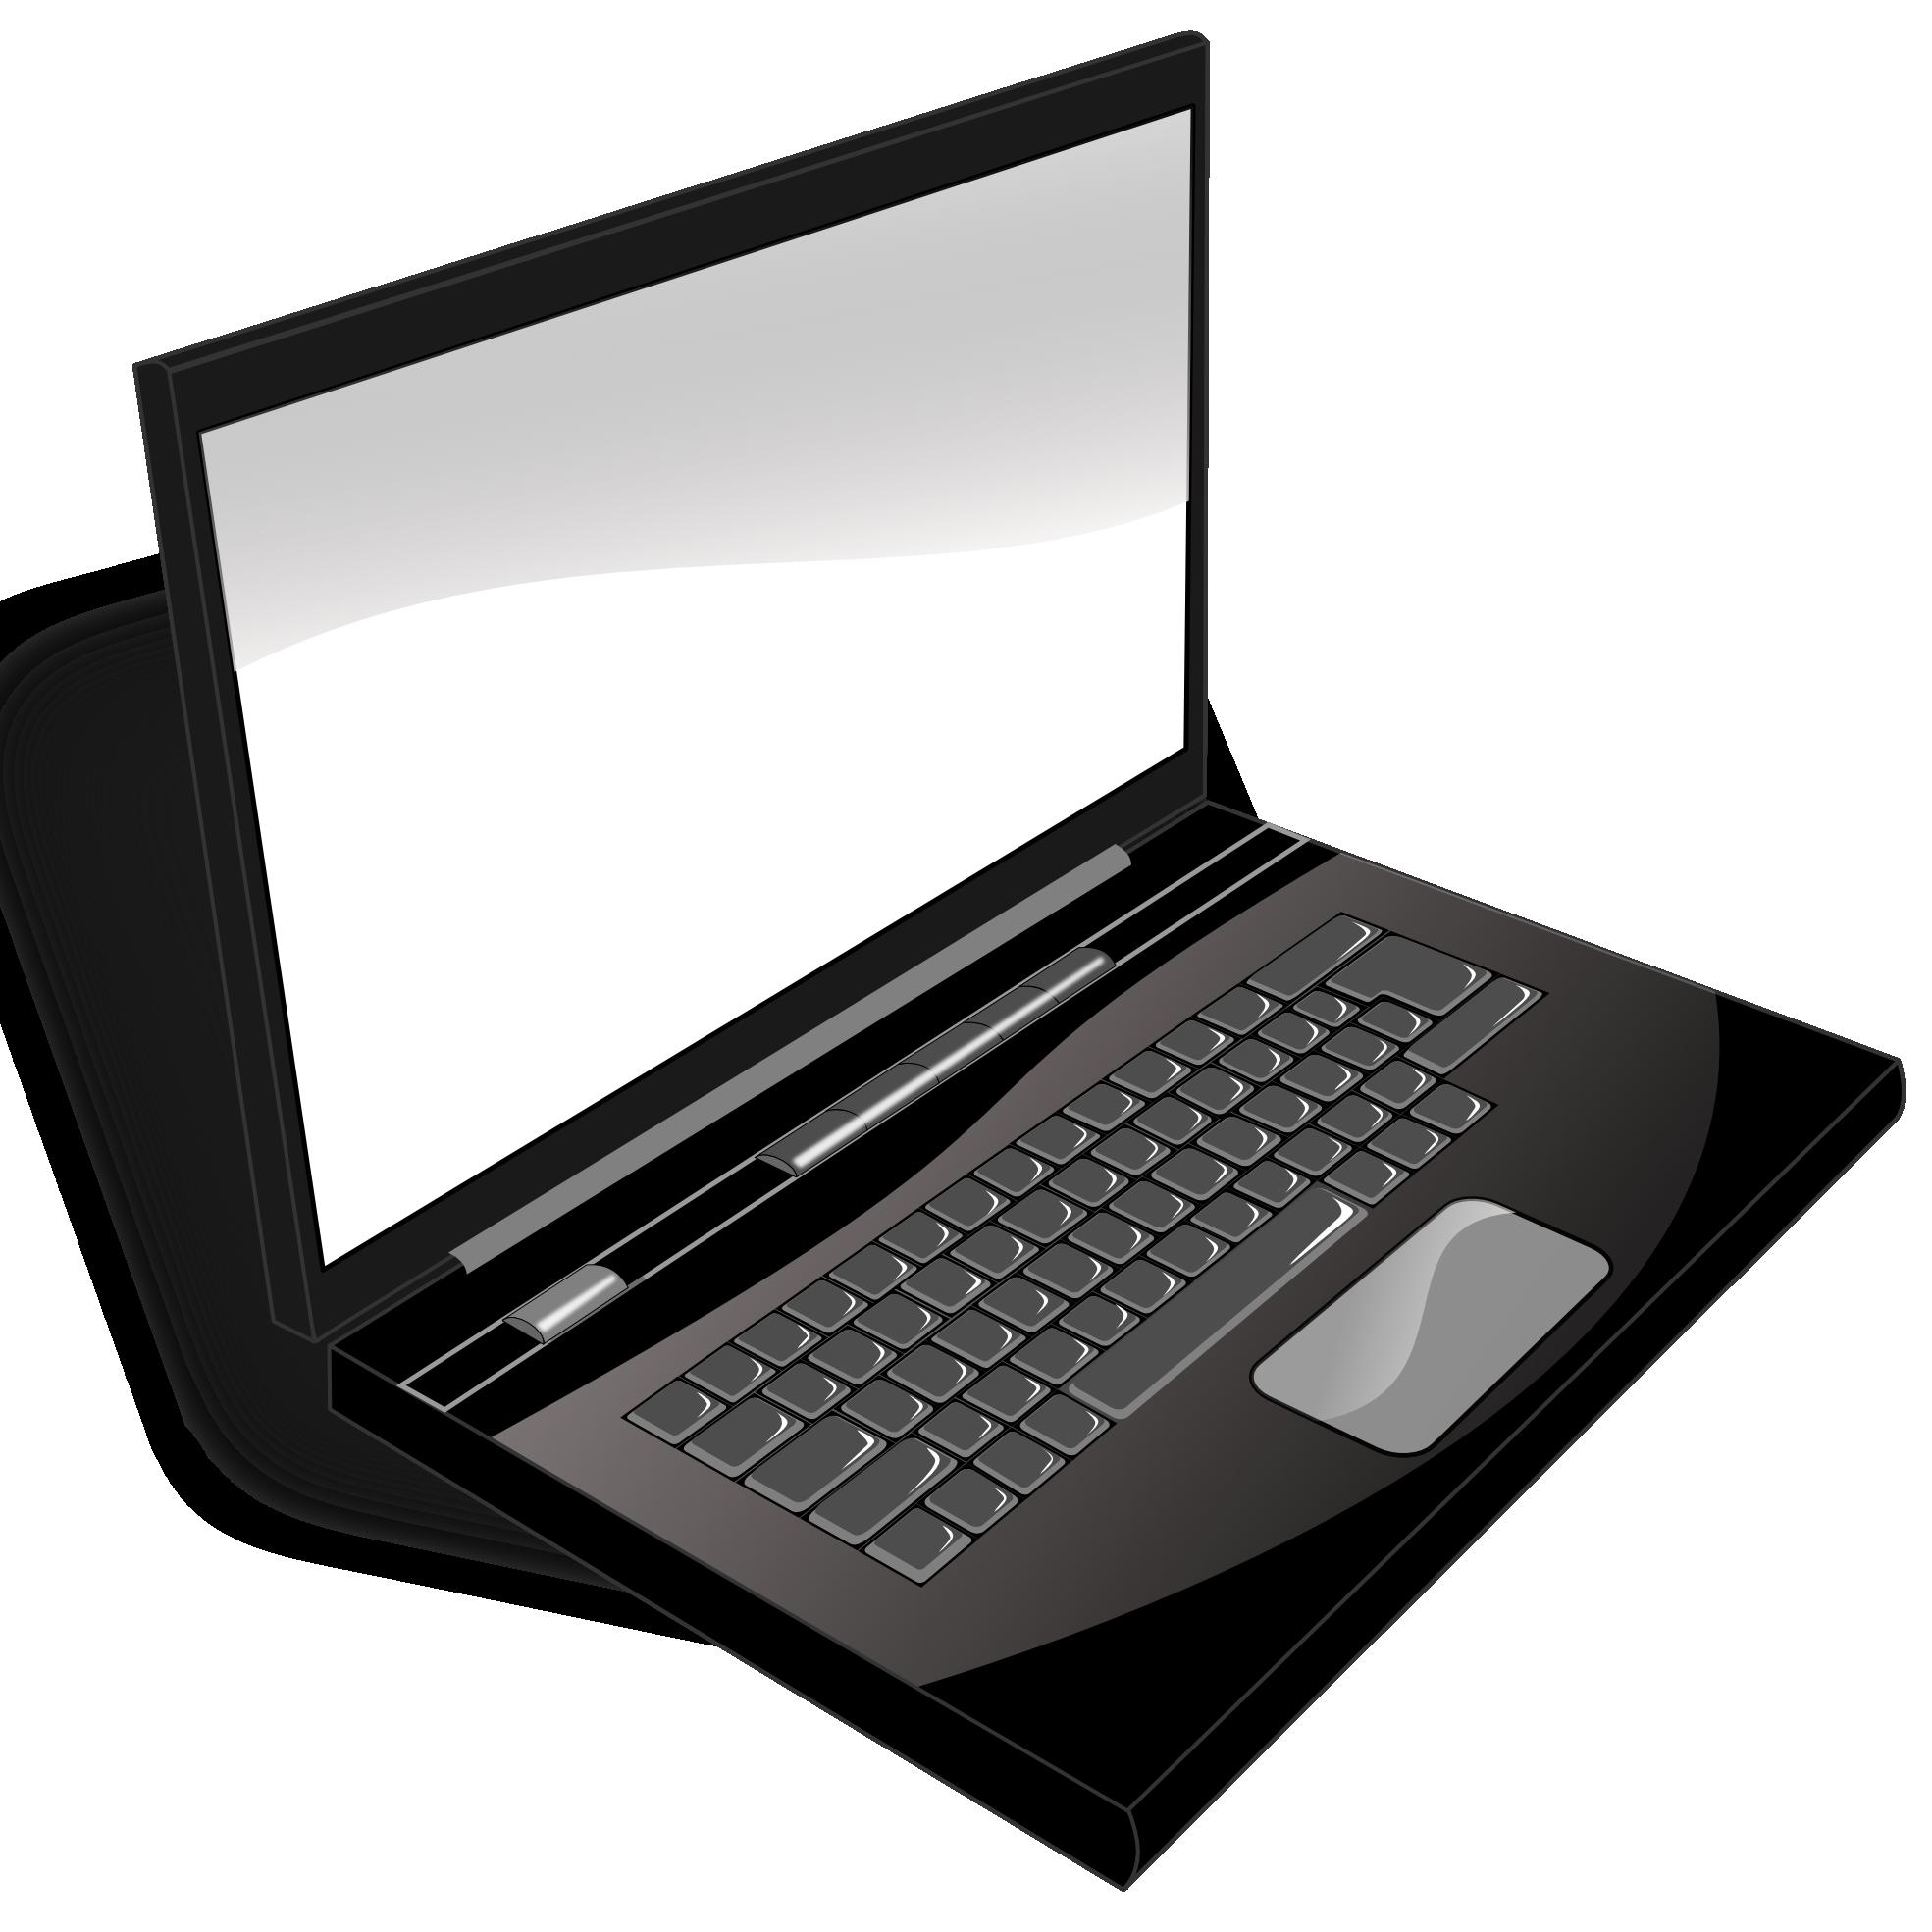 Paper clipart computer. Laptop clip art black